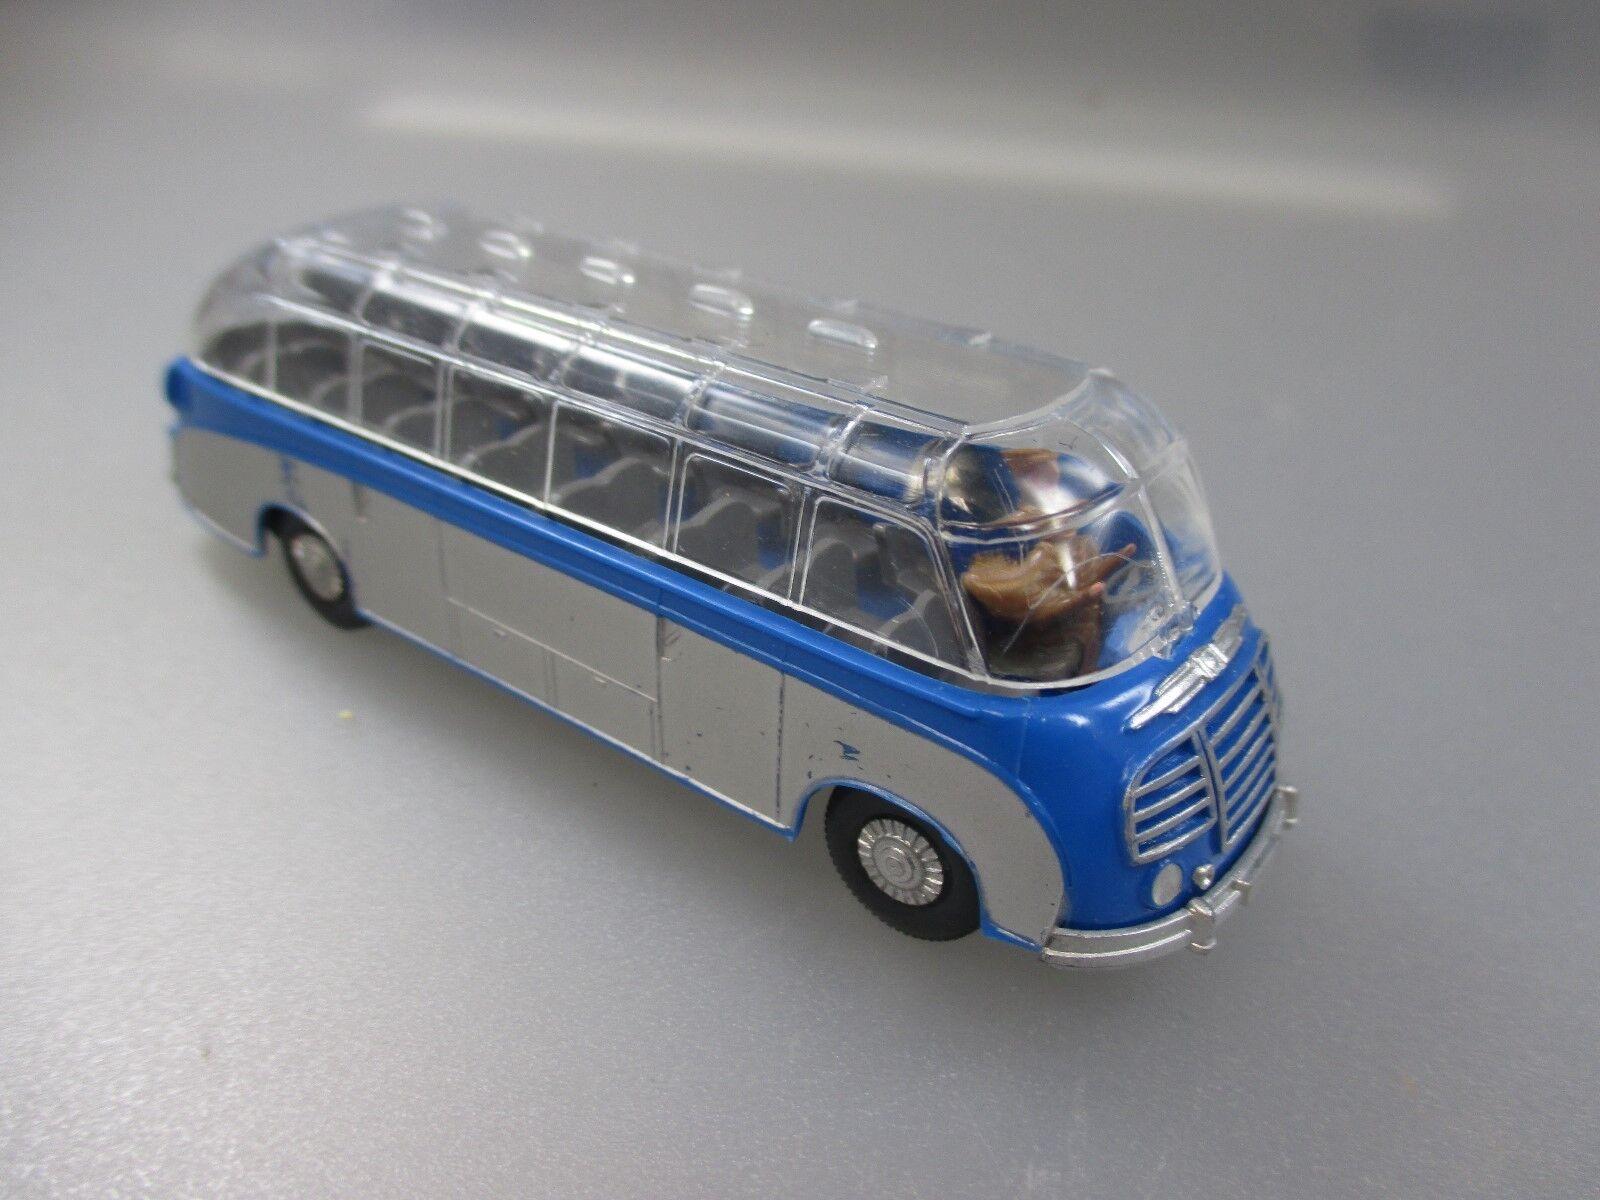 Wiking  setra-bus, azul cielo, ácidas hb 1166 1166 1166 2a (impulso 31) 7247a1